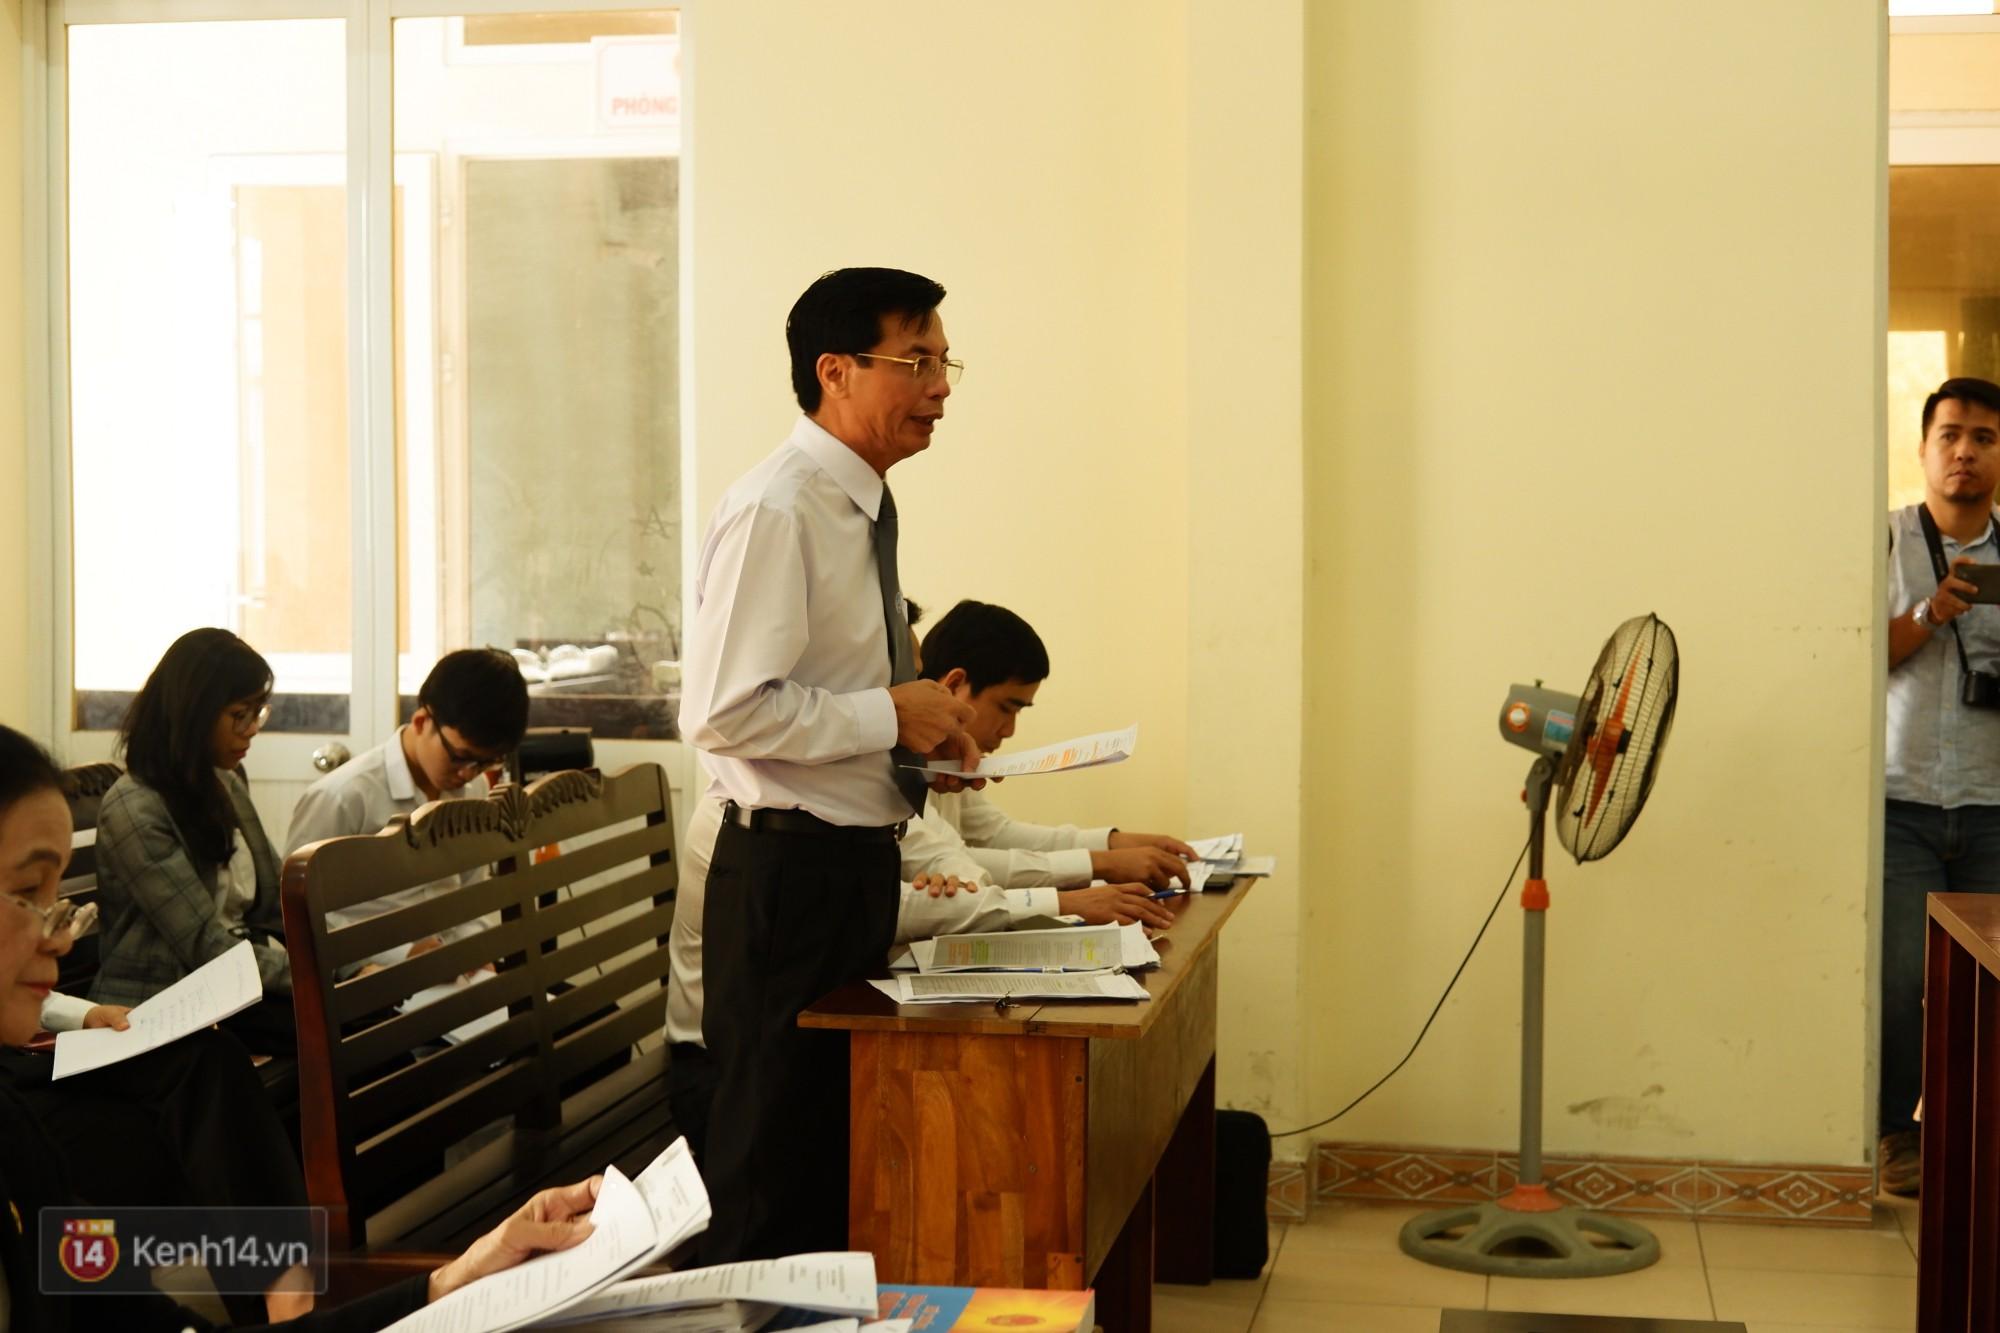 Ông Đặng Lê Nguyên Vũ và bà Diệp Thảo vắng mặt trong phiên họp giải quyết tranh chấp quyền đại diện công ty hoà tan Trung Nguyên - Ảnh 2.